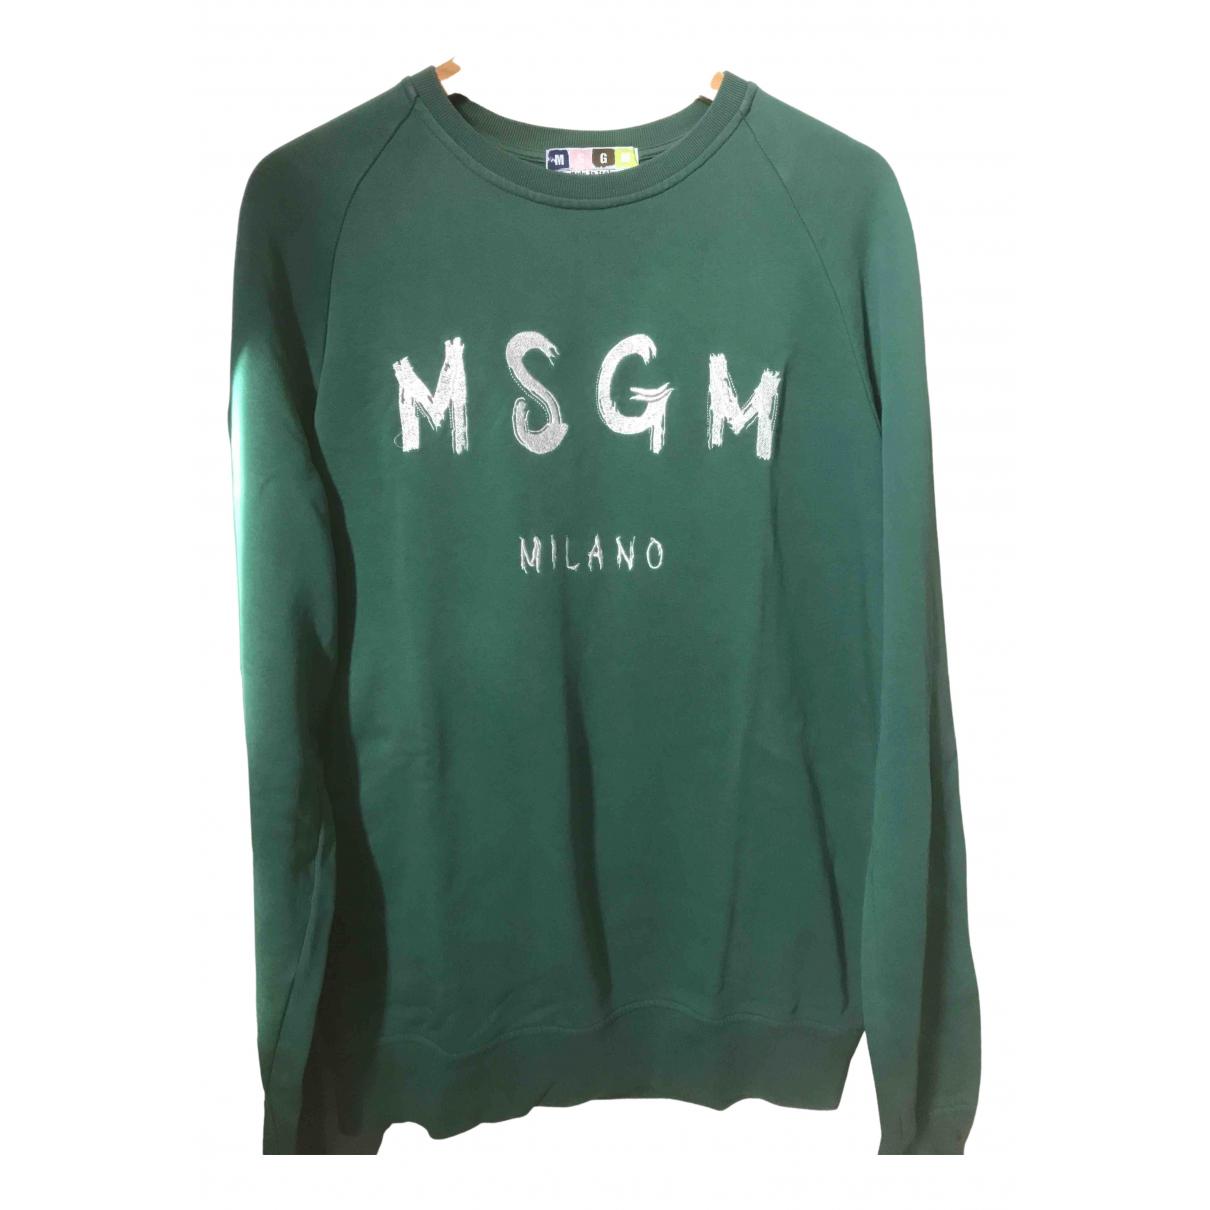 Msgm - Pulls.Gilets.Sweats   pour homme en coton - vert